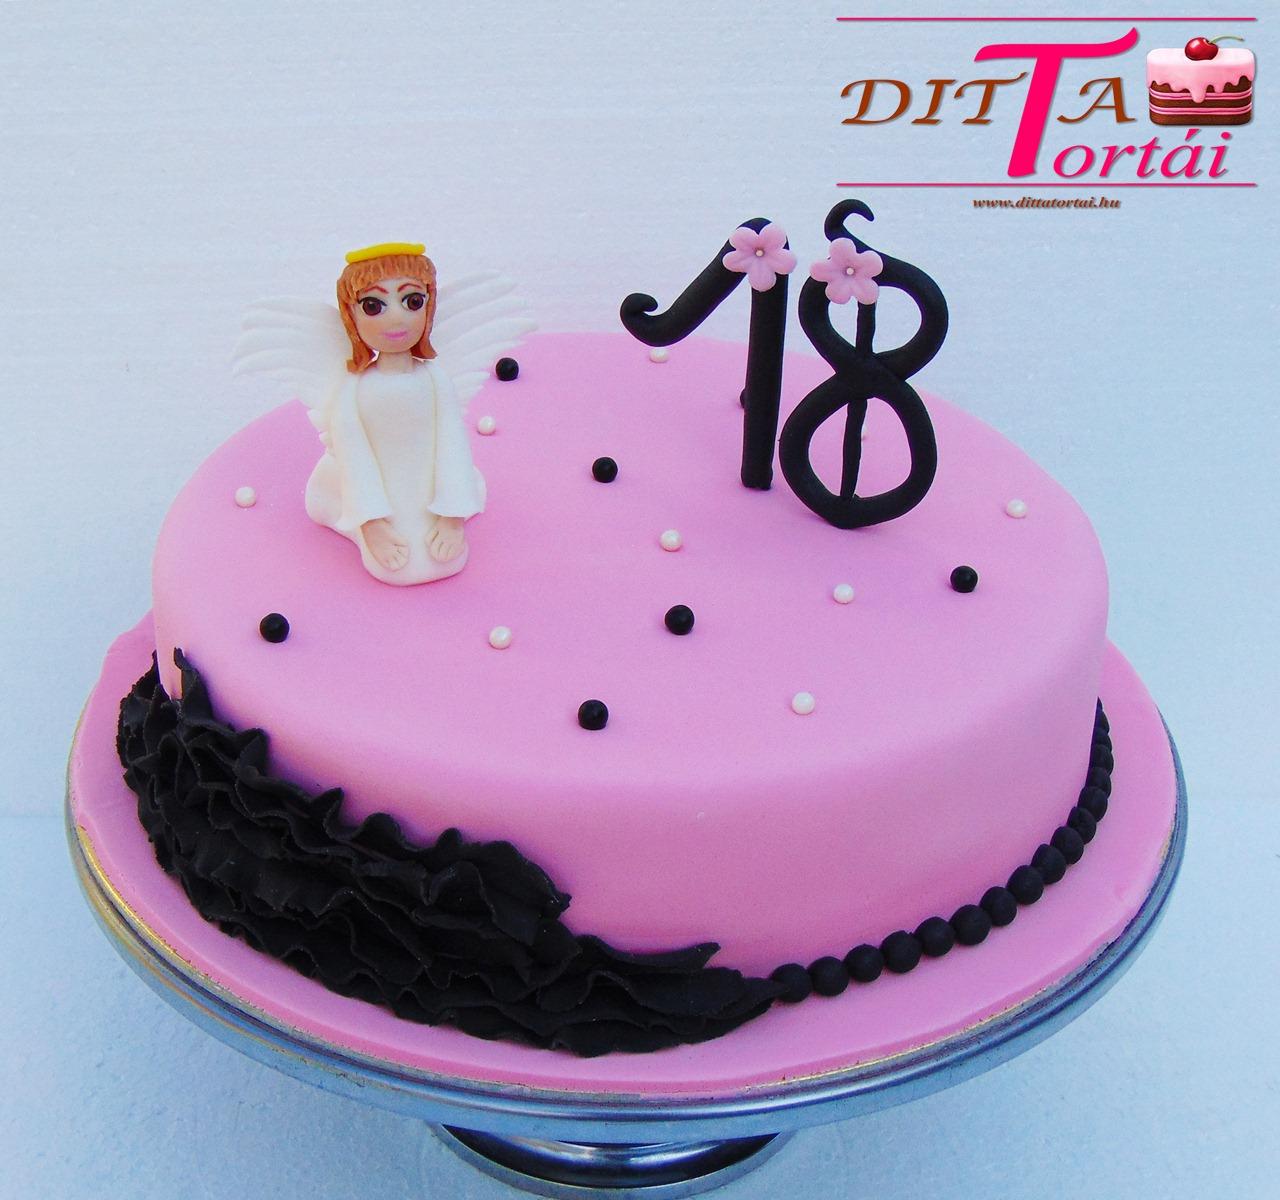 szülinapi torta 18 szülinapra Angyalkás torta 18. szülinapra   GasztroBlogok.hu szülinapi torta 18 szülinapra